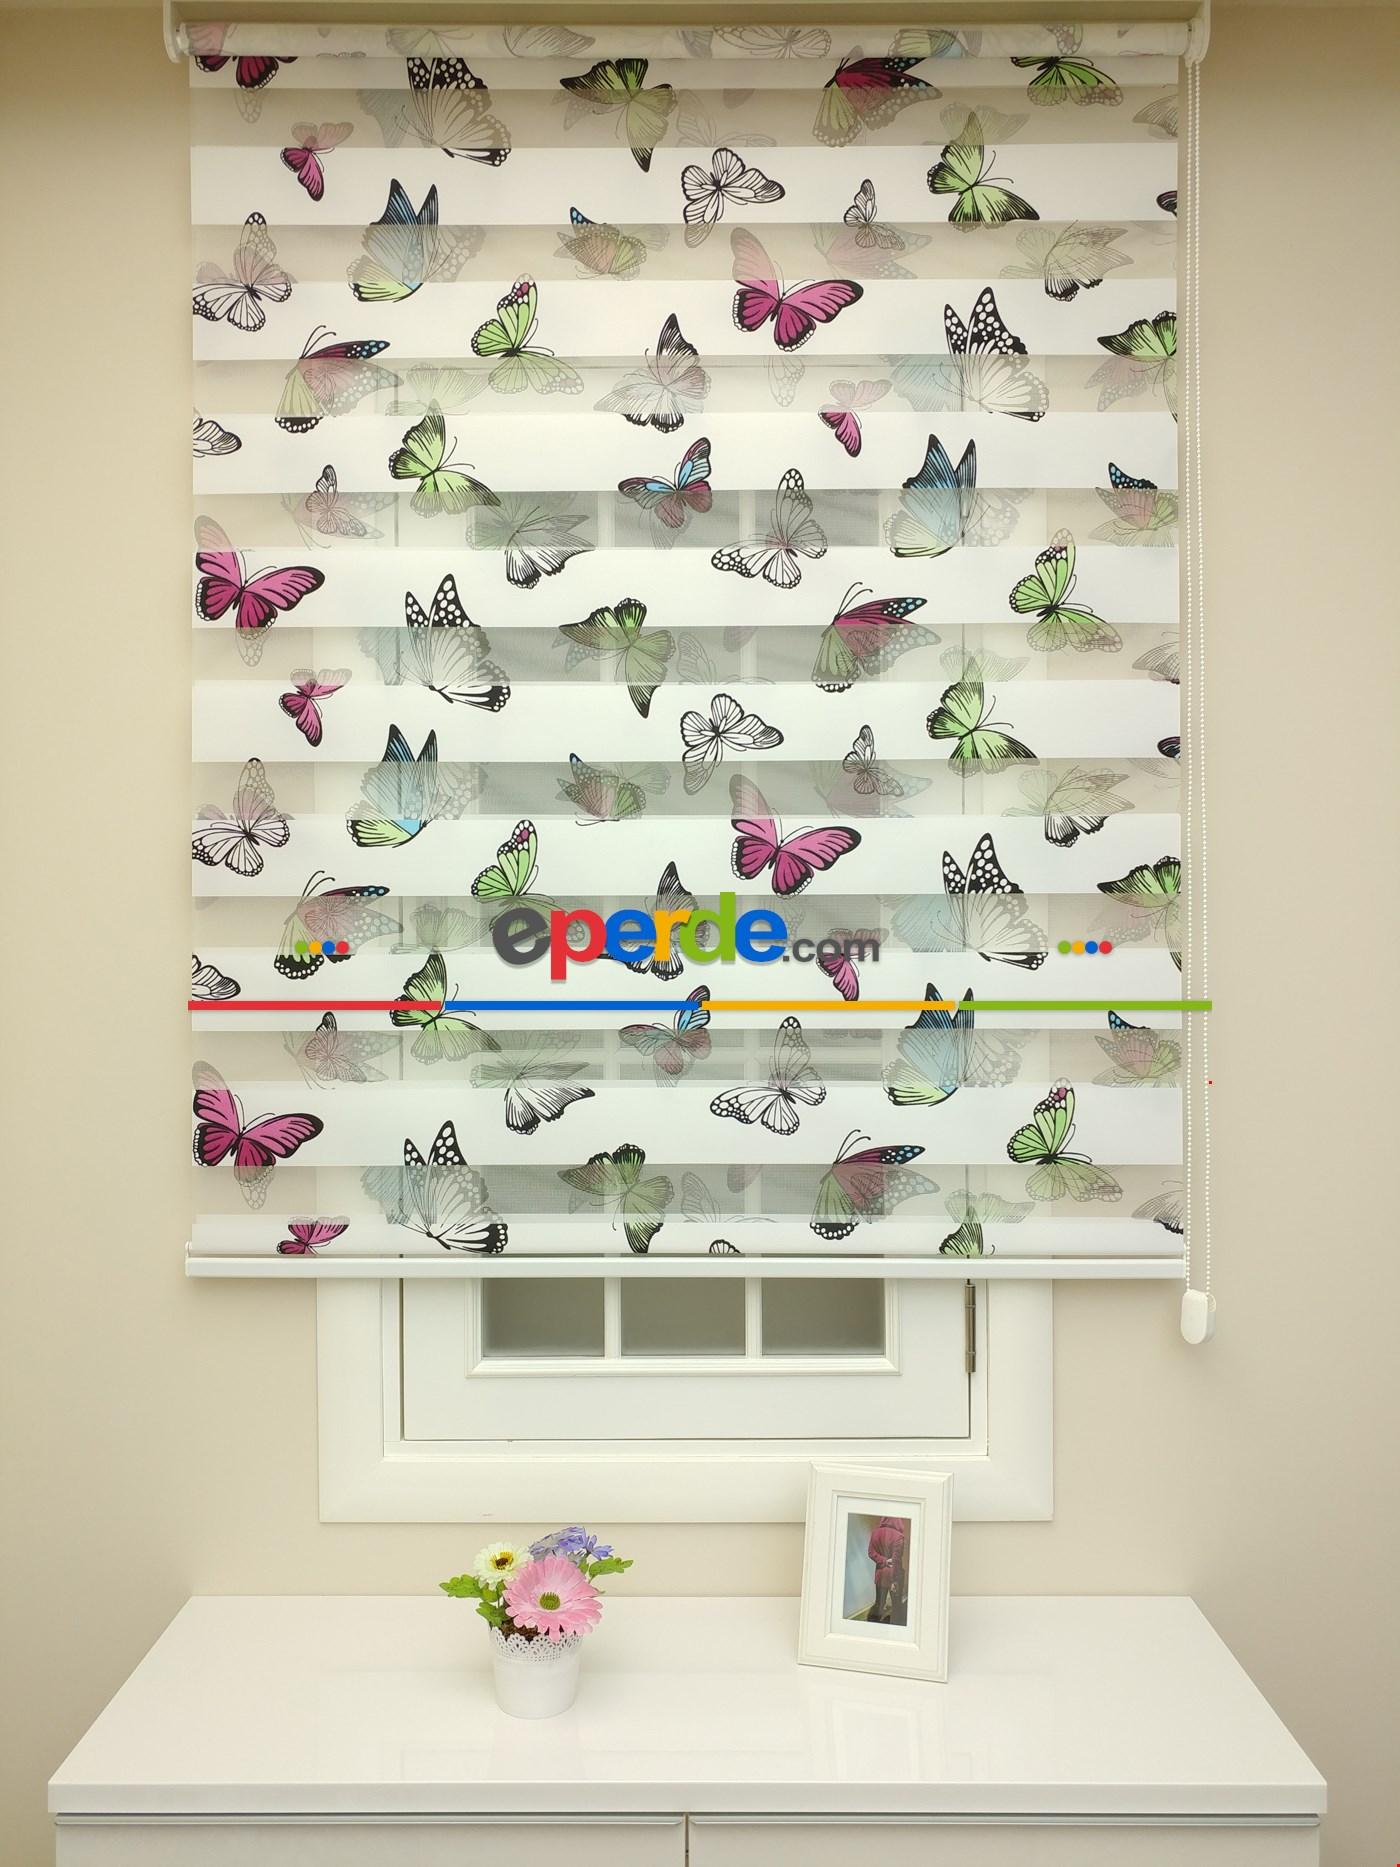 Zebra Perde - Baloncuk Baskılı Çocuk Ve Genç Odası Yeşil - Mavi - Pembe - Mor